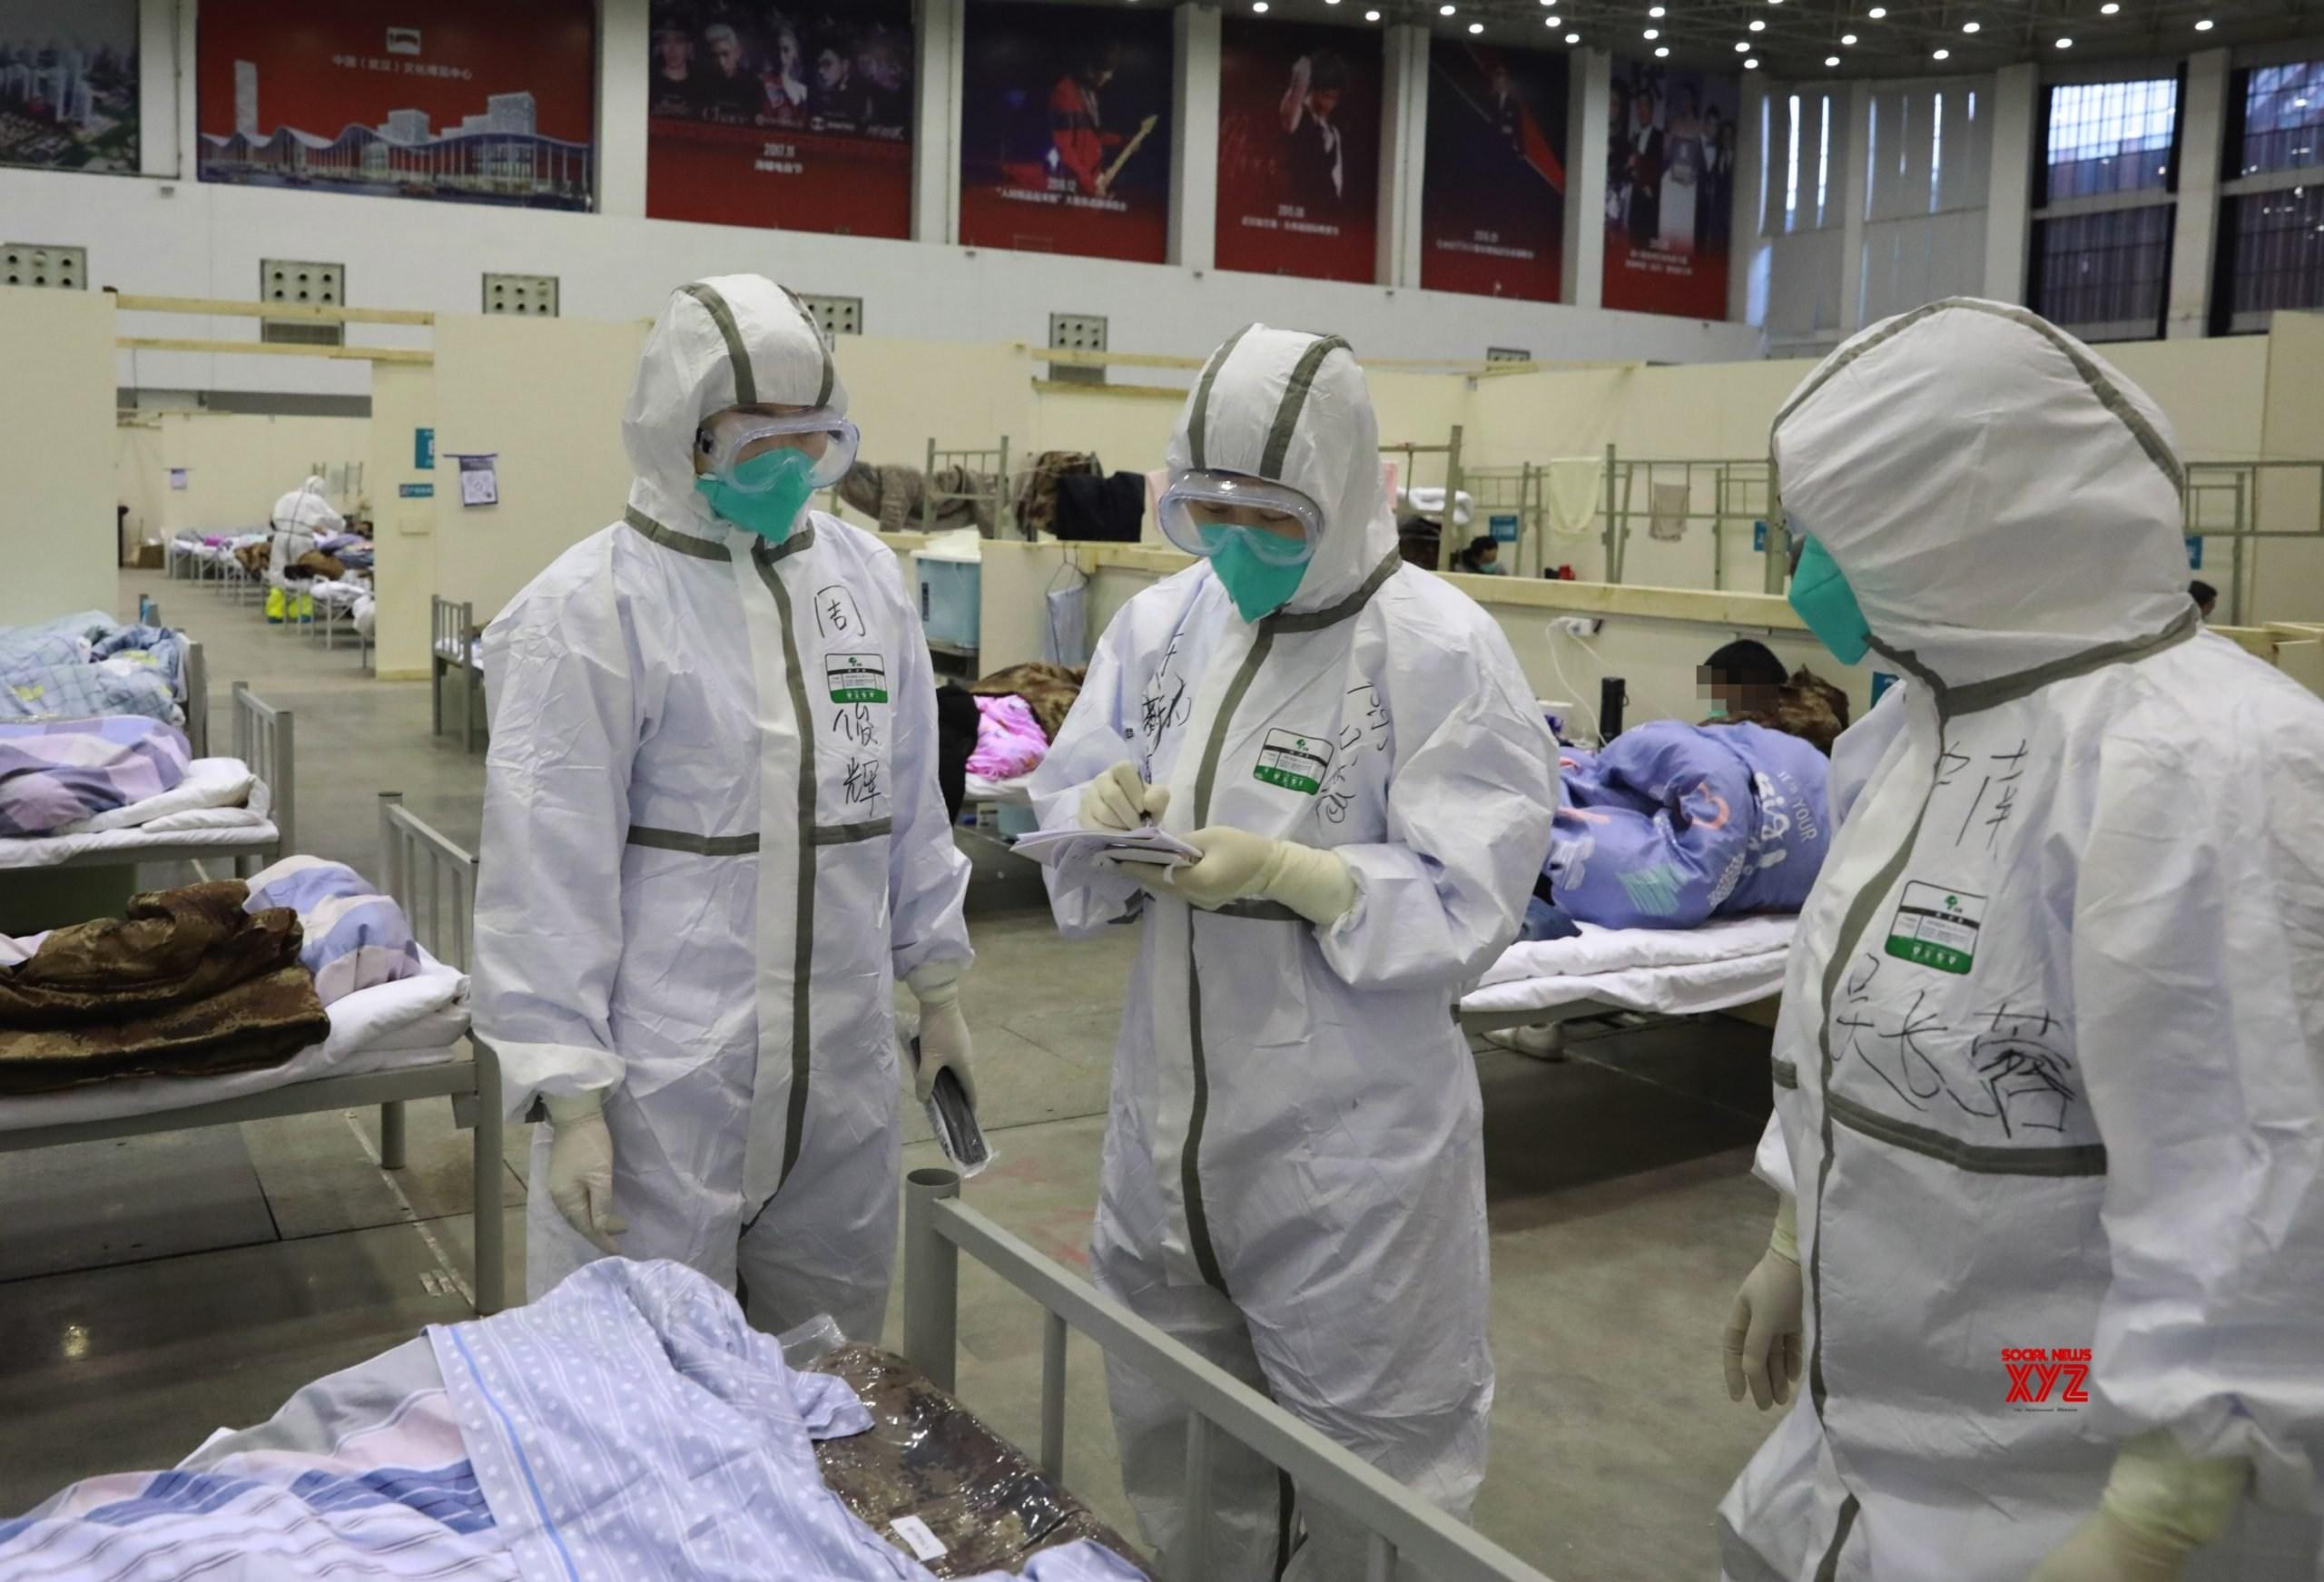 Three new COVID-19 cases in Iran